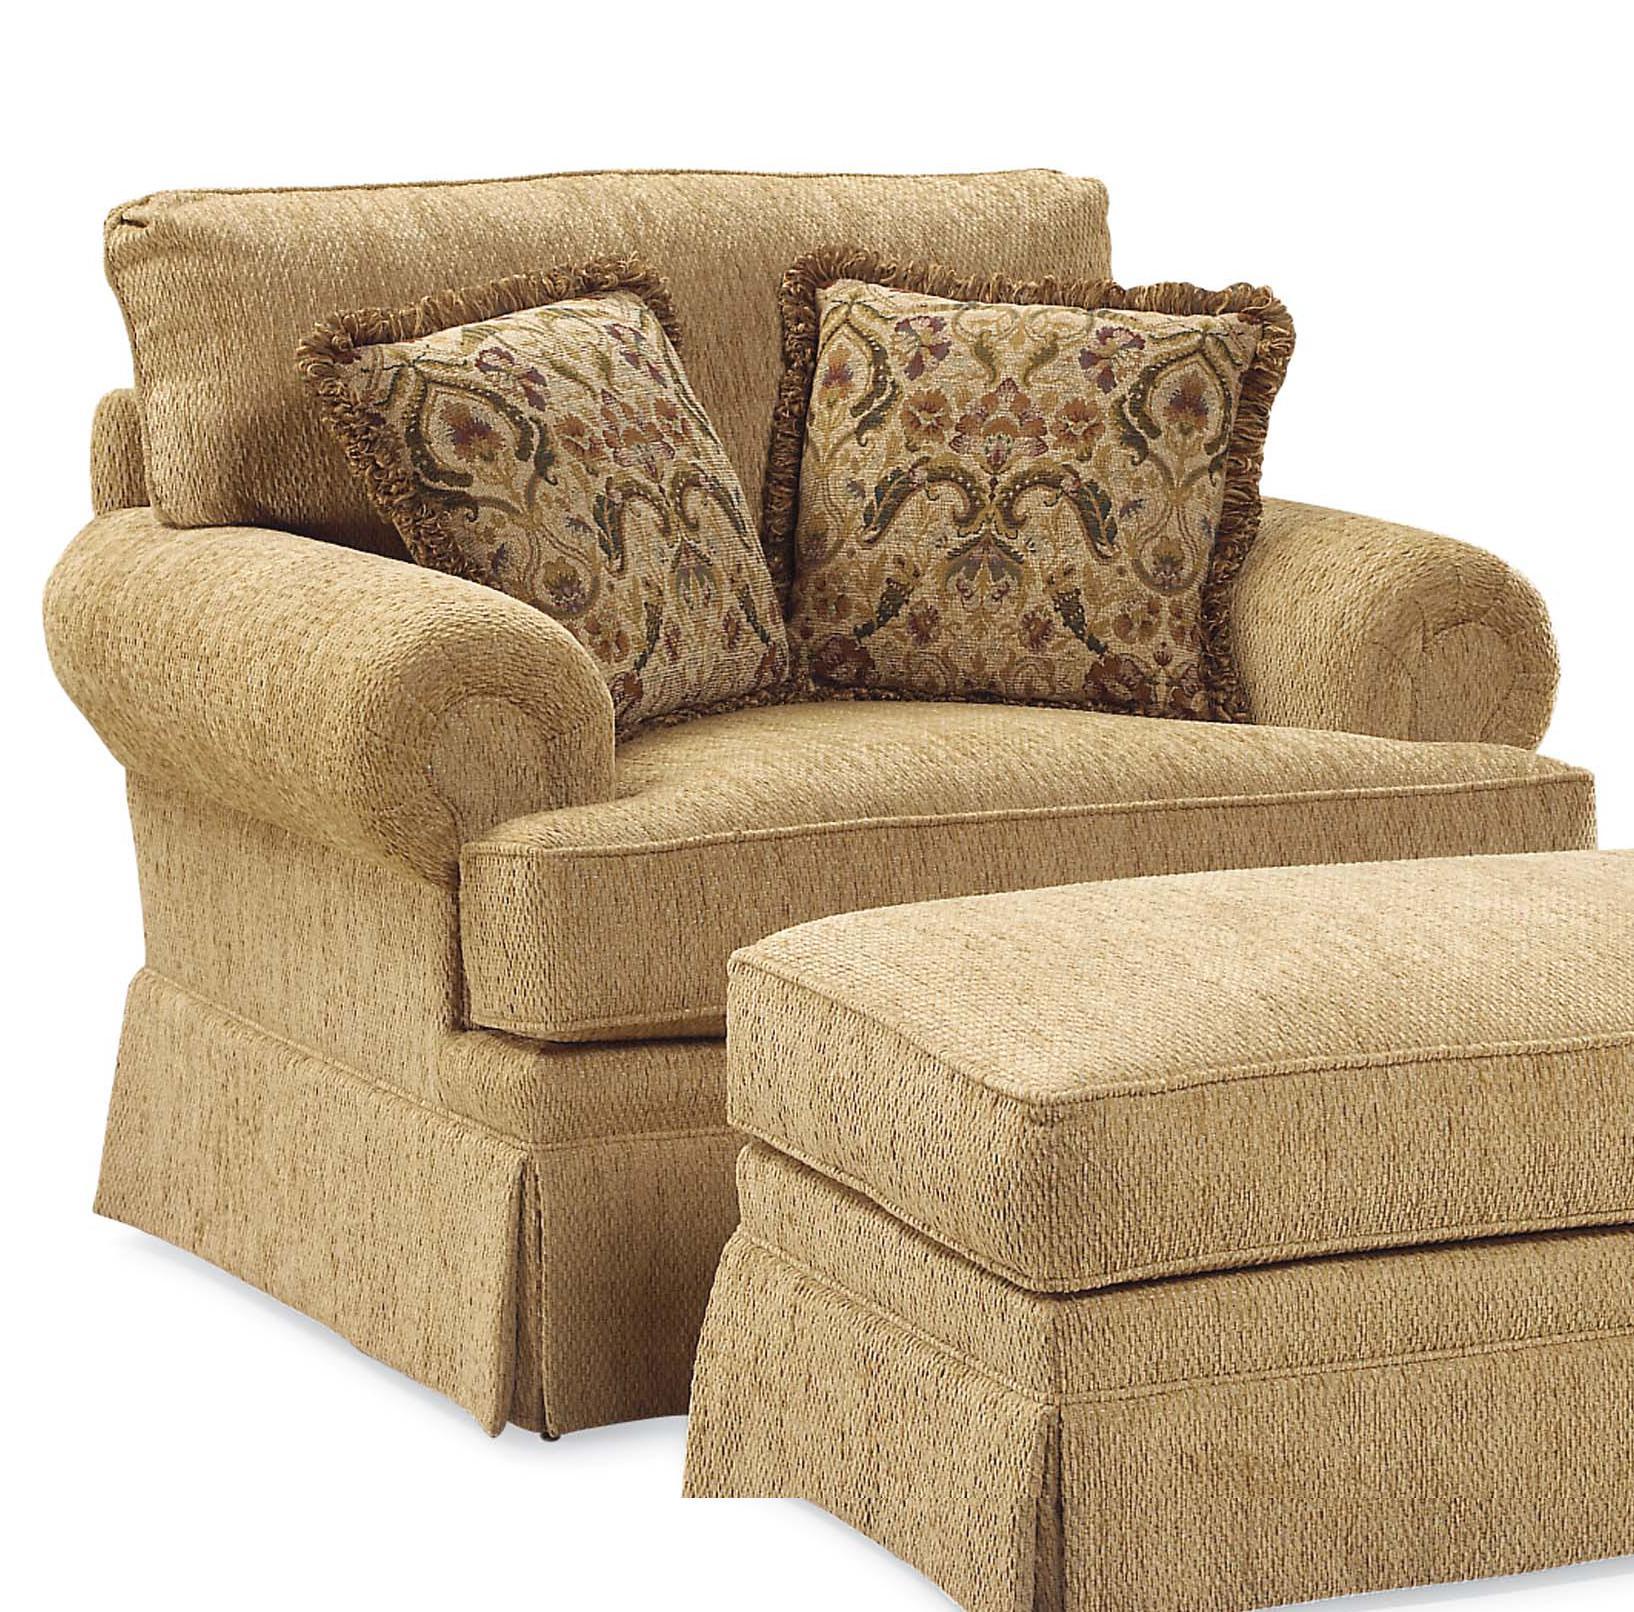 Fairfield 3736 Oversized Skirted Lounge Chair   AHFA   Chair U0026 A Half  Dealer Locator